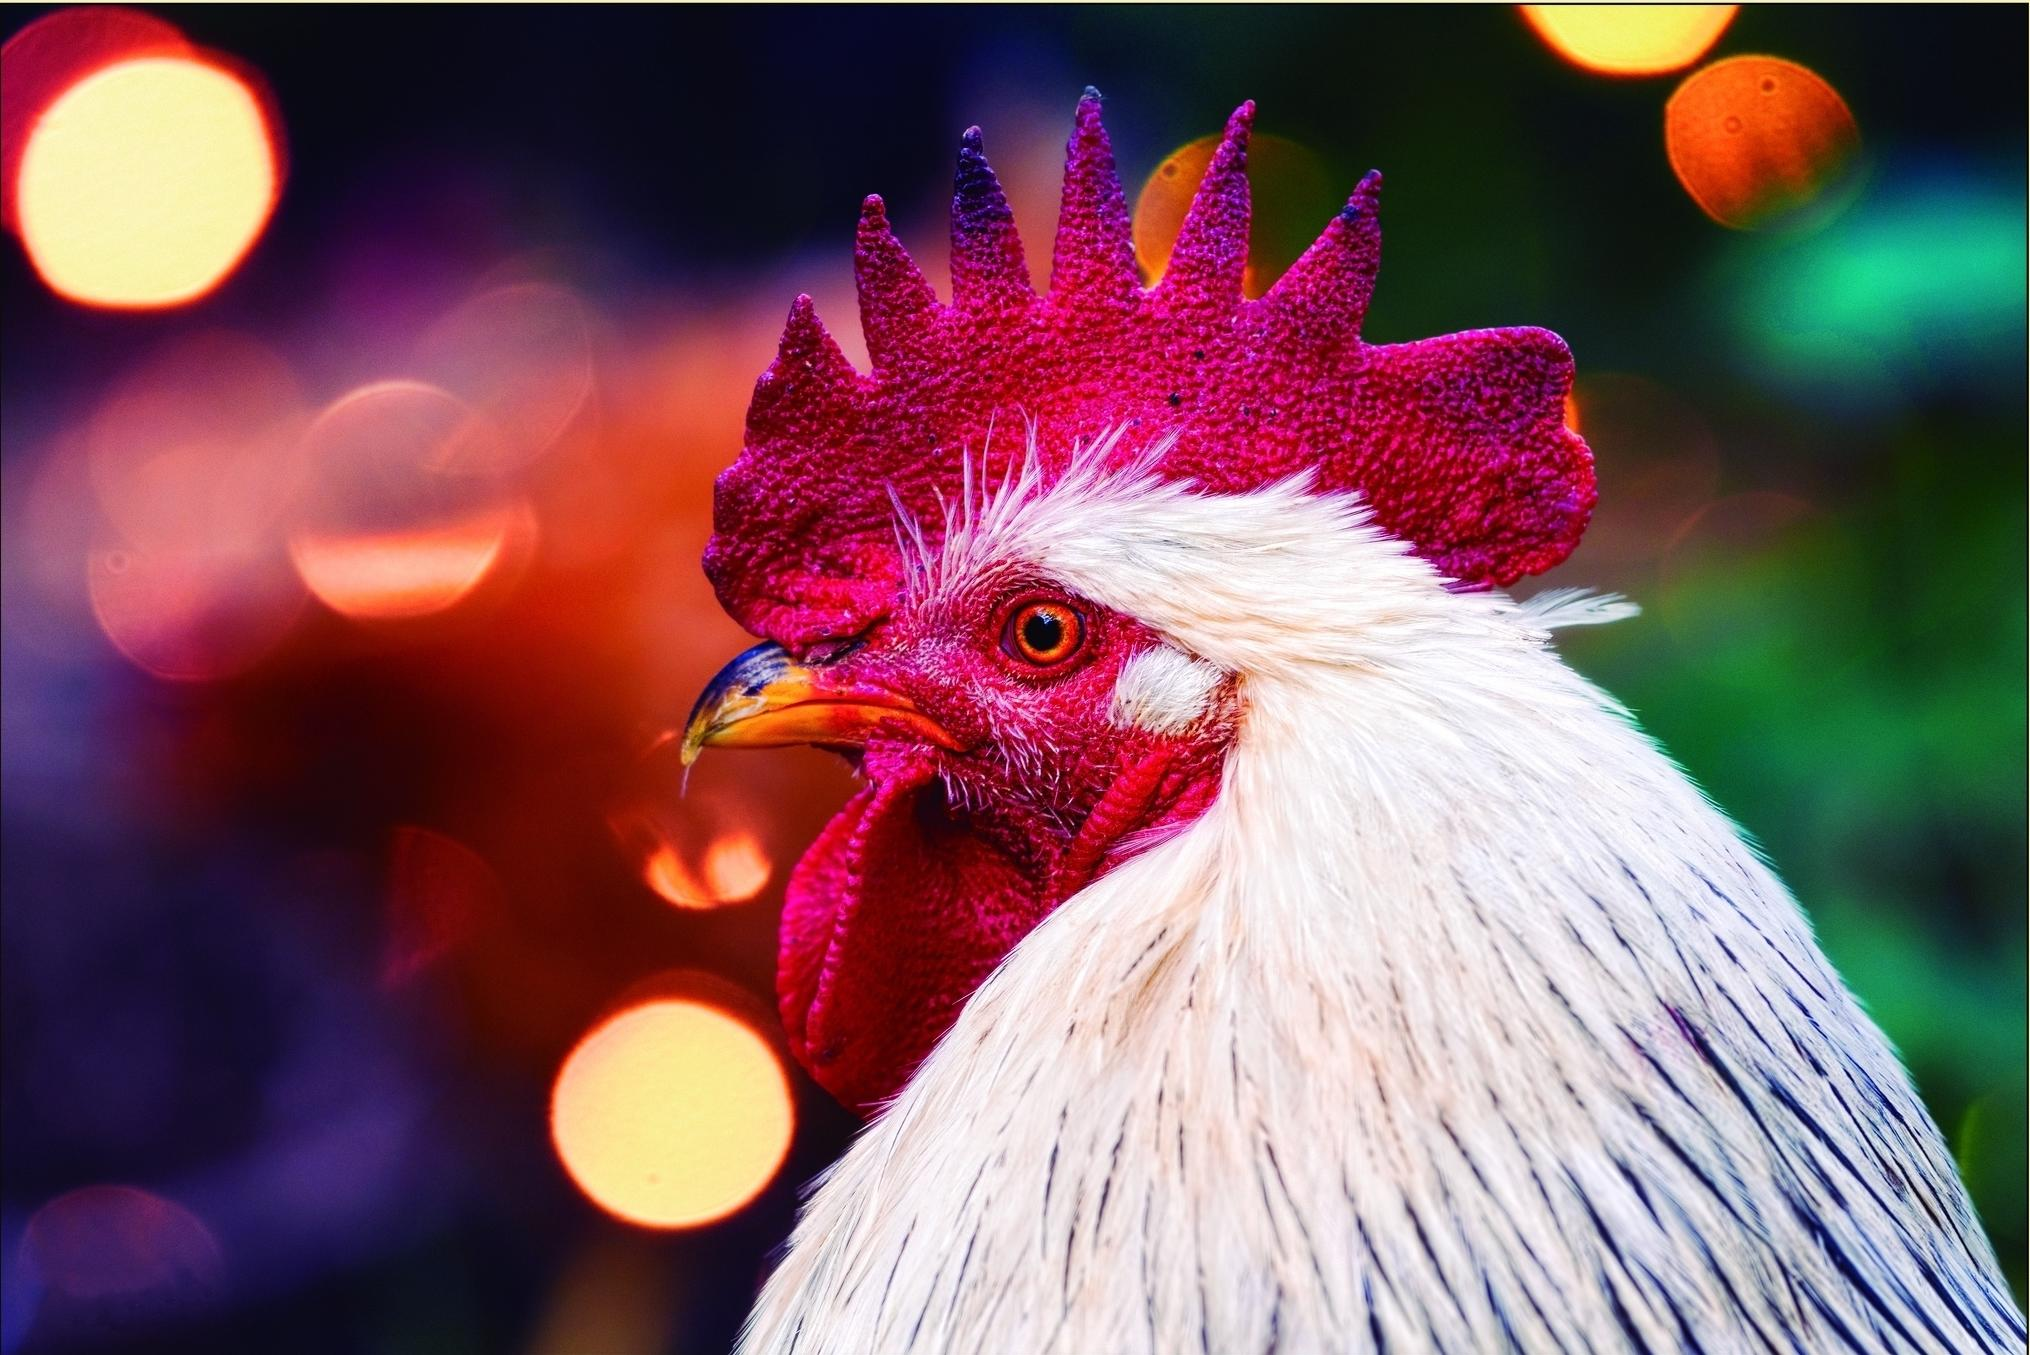 Обои 2017 год Красного Огненного Петуха, Петух символ 2017 года, петух, птица